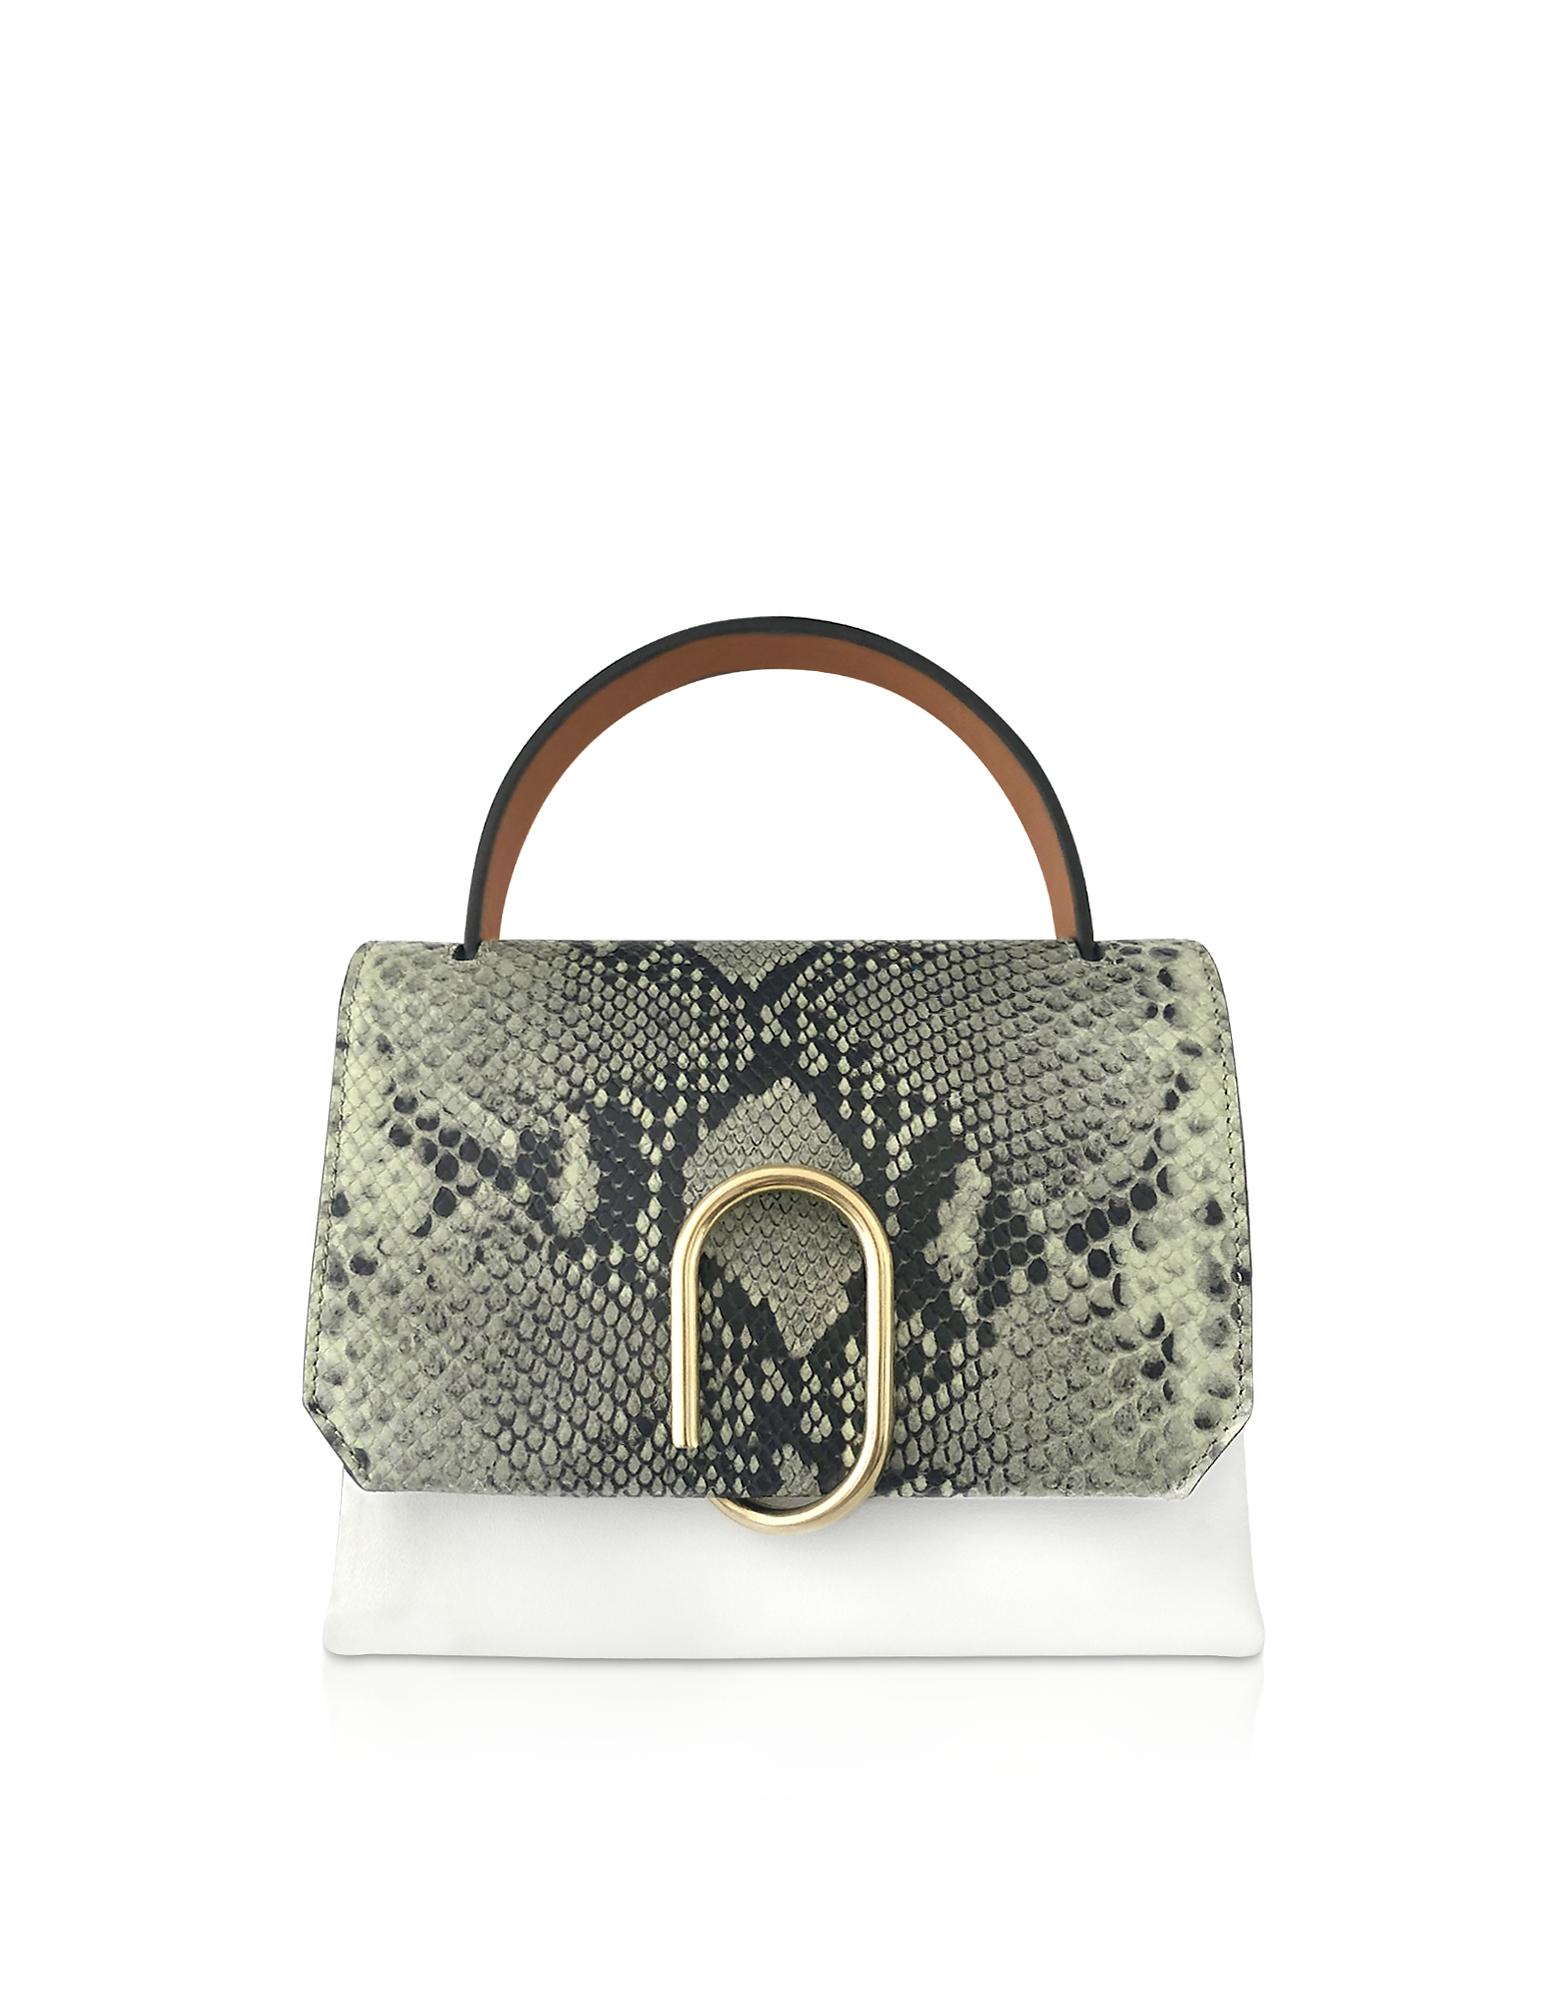 3.1 Phillip Lim  Handbags Alix Mini Top Handle Satchel